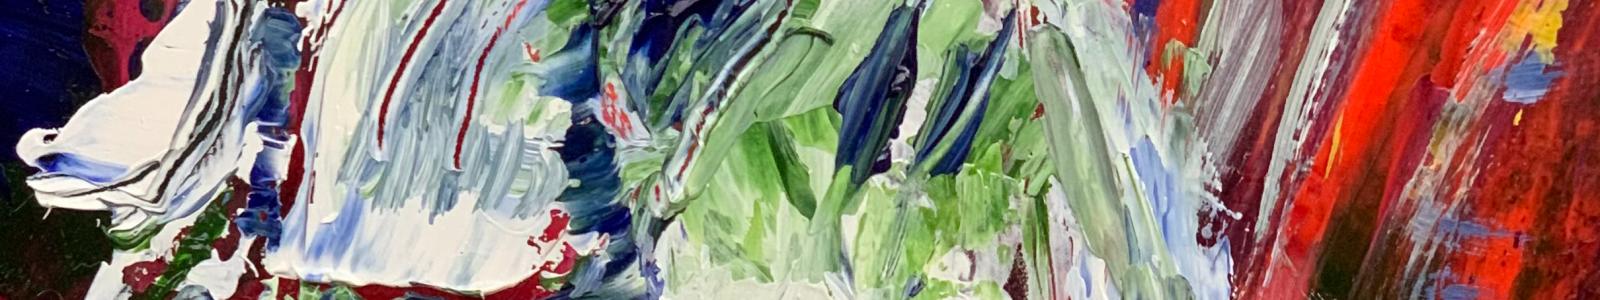 Gallery Painter Mariia Zasidkovych